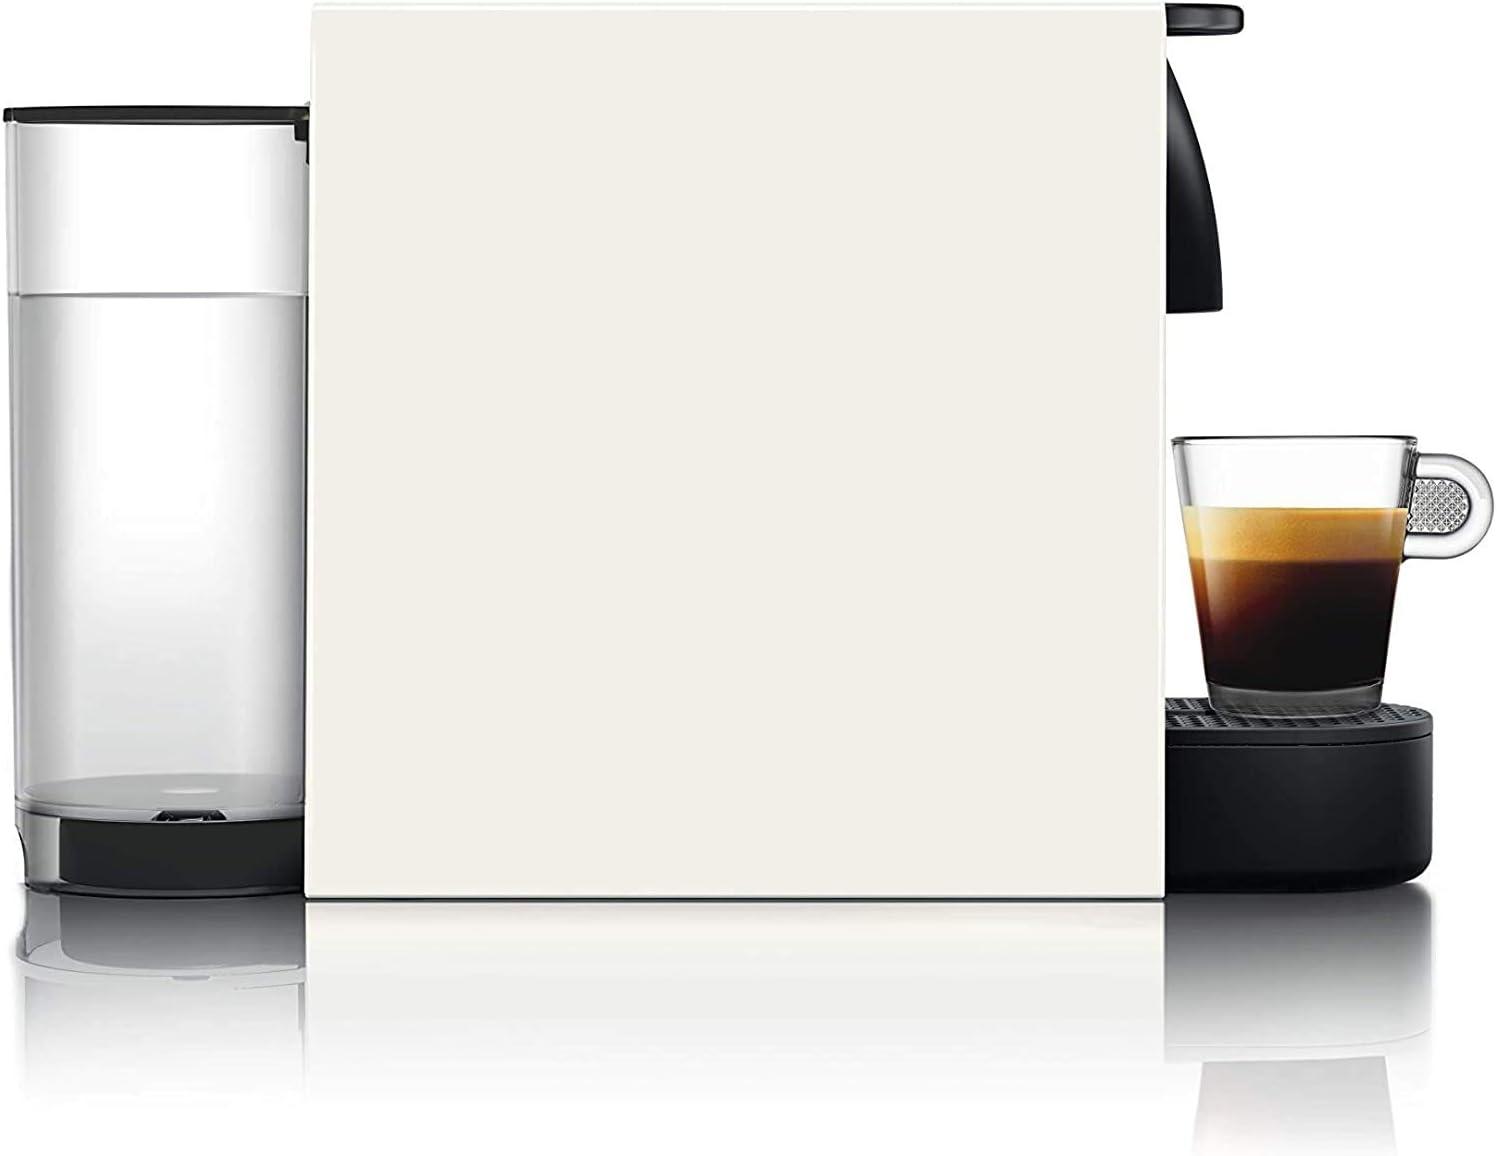 compacta 19 bares Cafetera monodosis de c/ápsulas color blanco Pack C/ápsulas bienvenida incluido apagado autom/ático